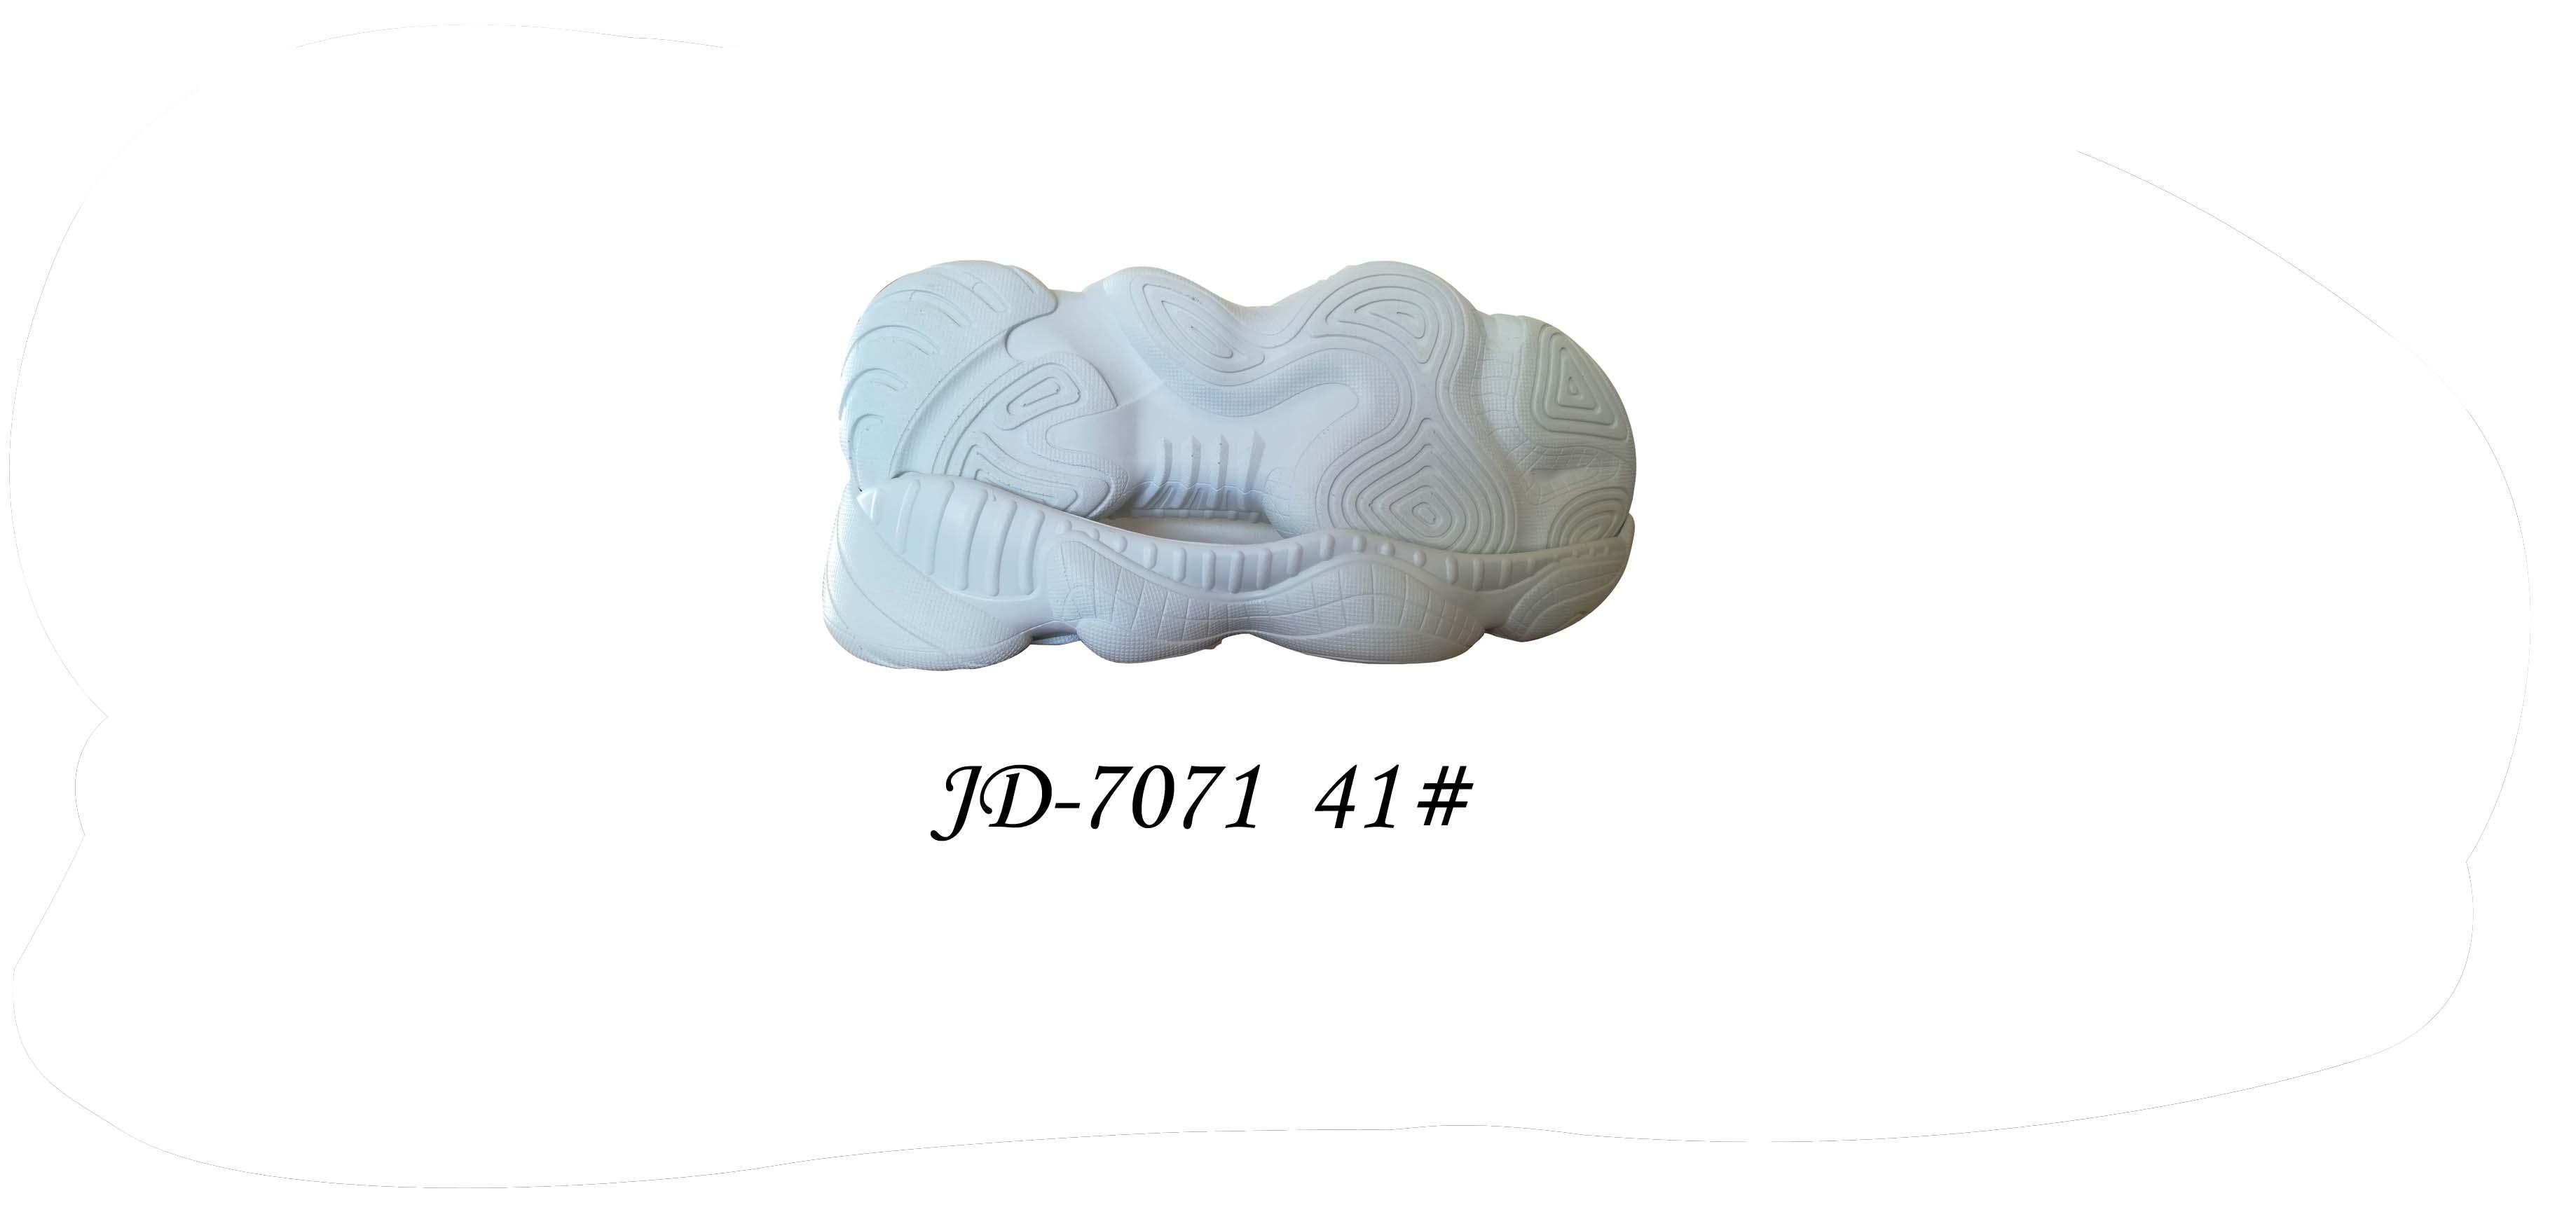 鞋底 PU 男段 休闲鞋 41 单色 一体 JD-7071